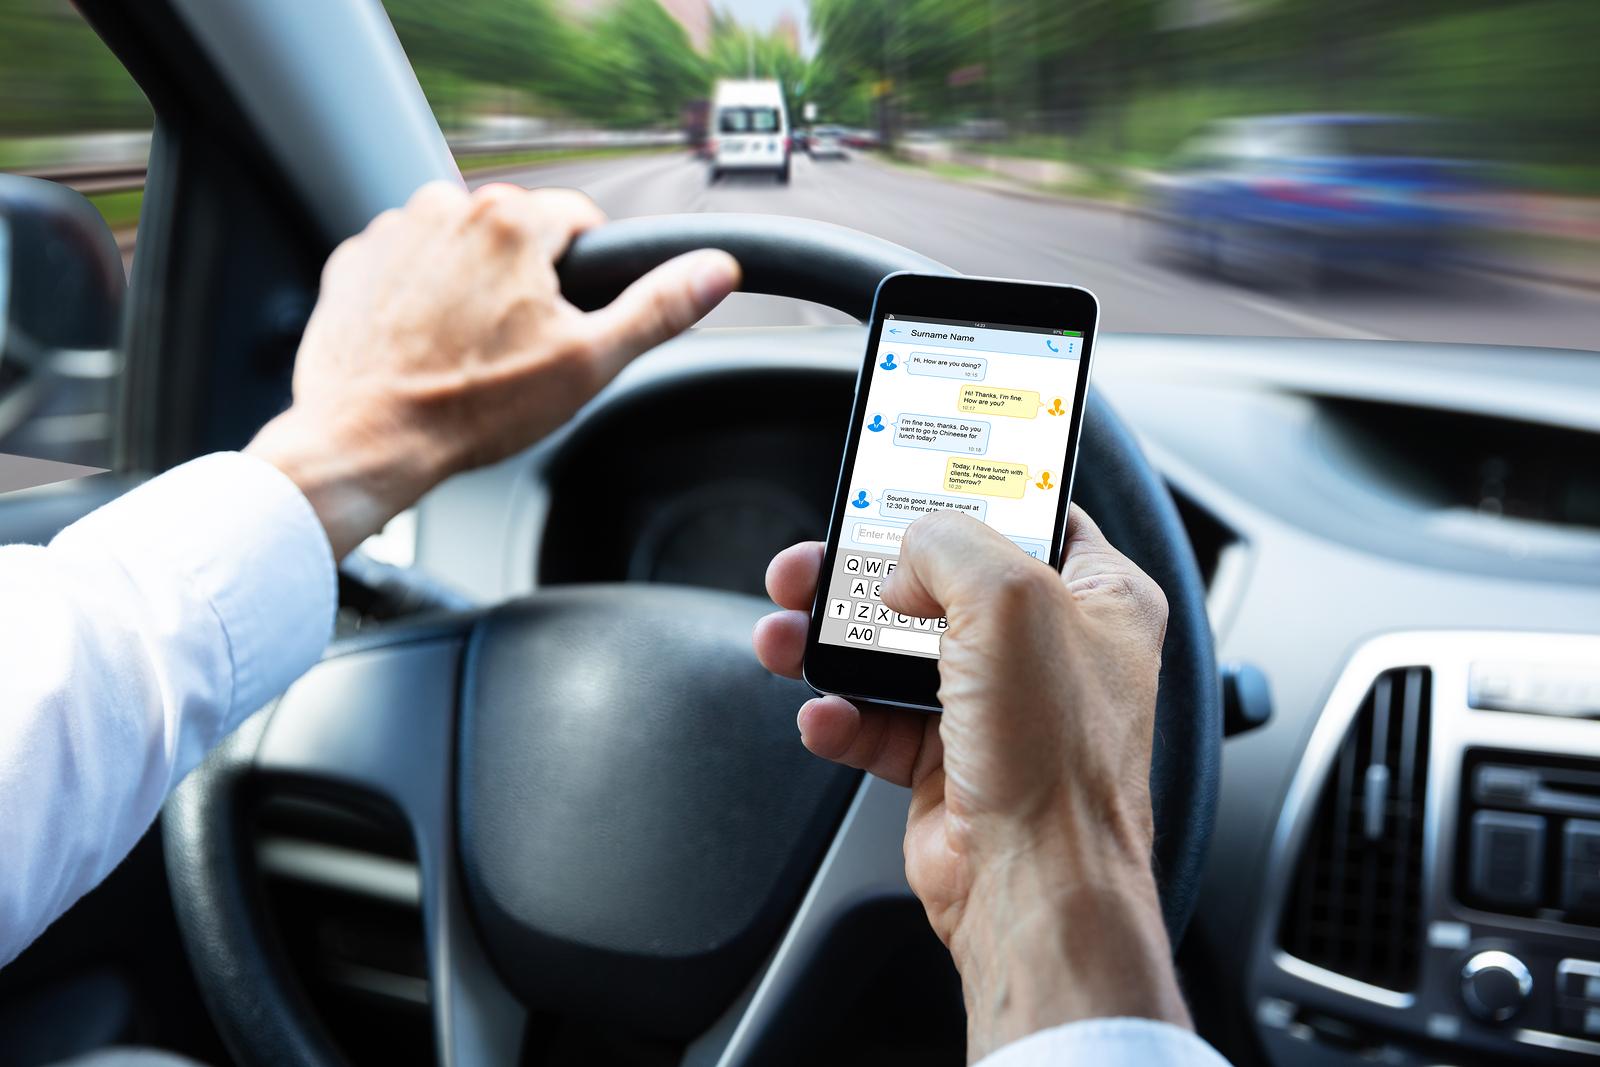 Vorsicht bei Blitzer-App auf Mobilfunktelefon und diese App während der Fahrt aufgerufen ist